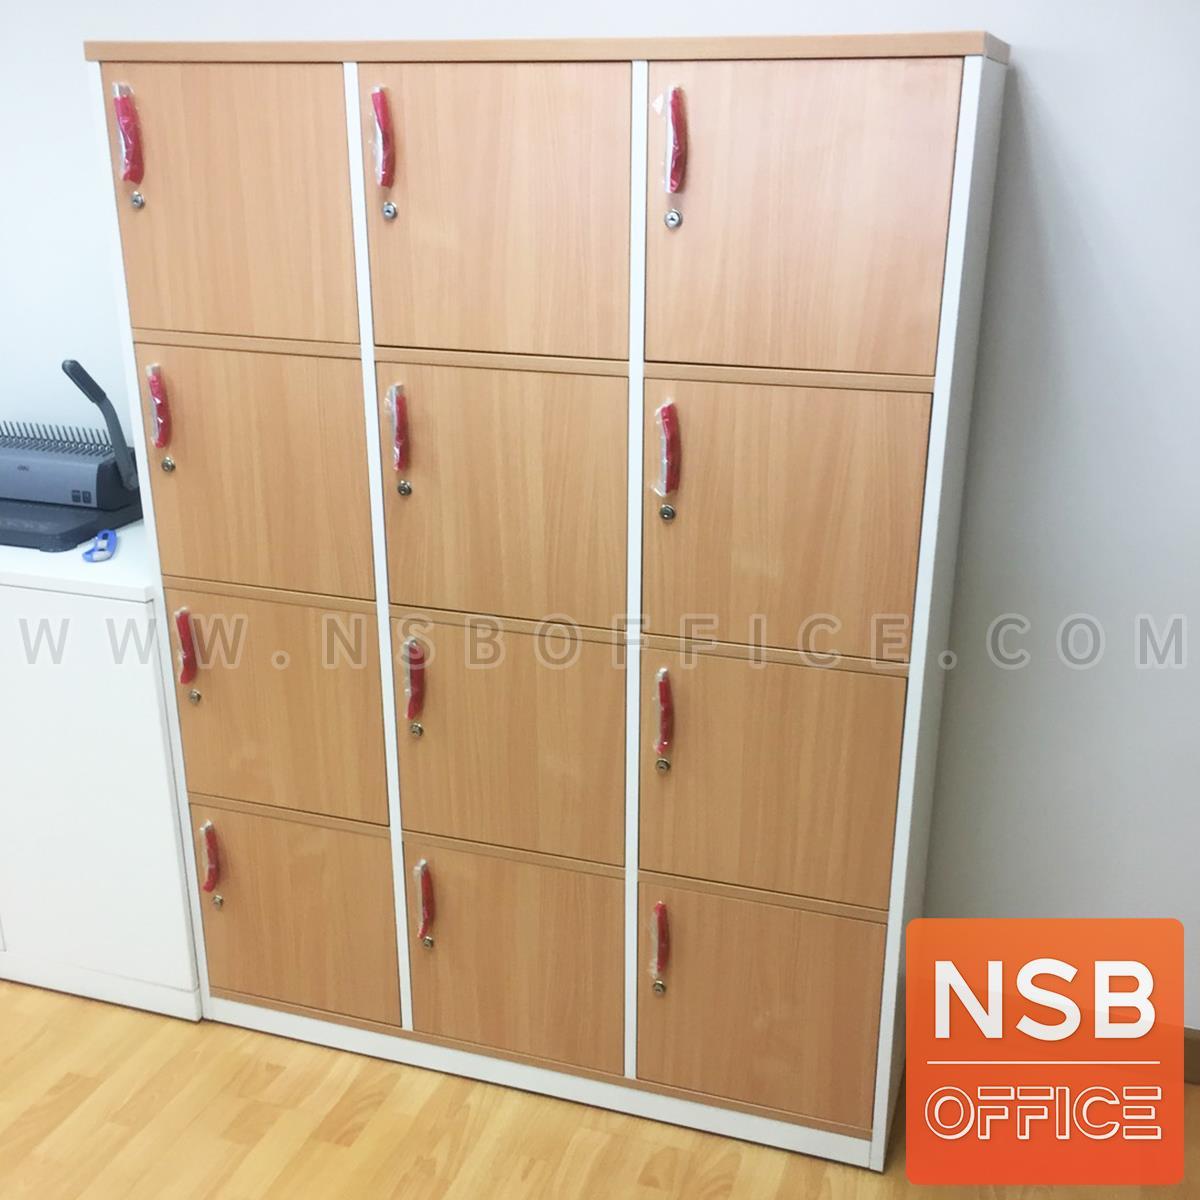 ตู้ล็อกเกอร์ไม้ 12 ประตู  รุ่น Nivosa 4 (นิโวซ่า 4) ขนาด 90W ,120W*160H cm. พร้อมกุญแจล็อค